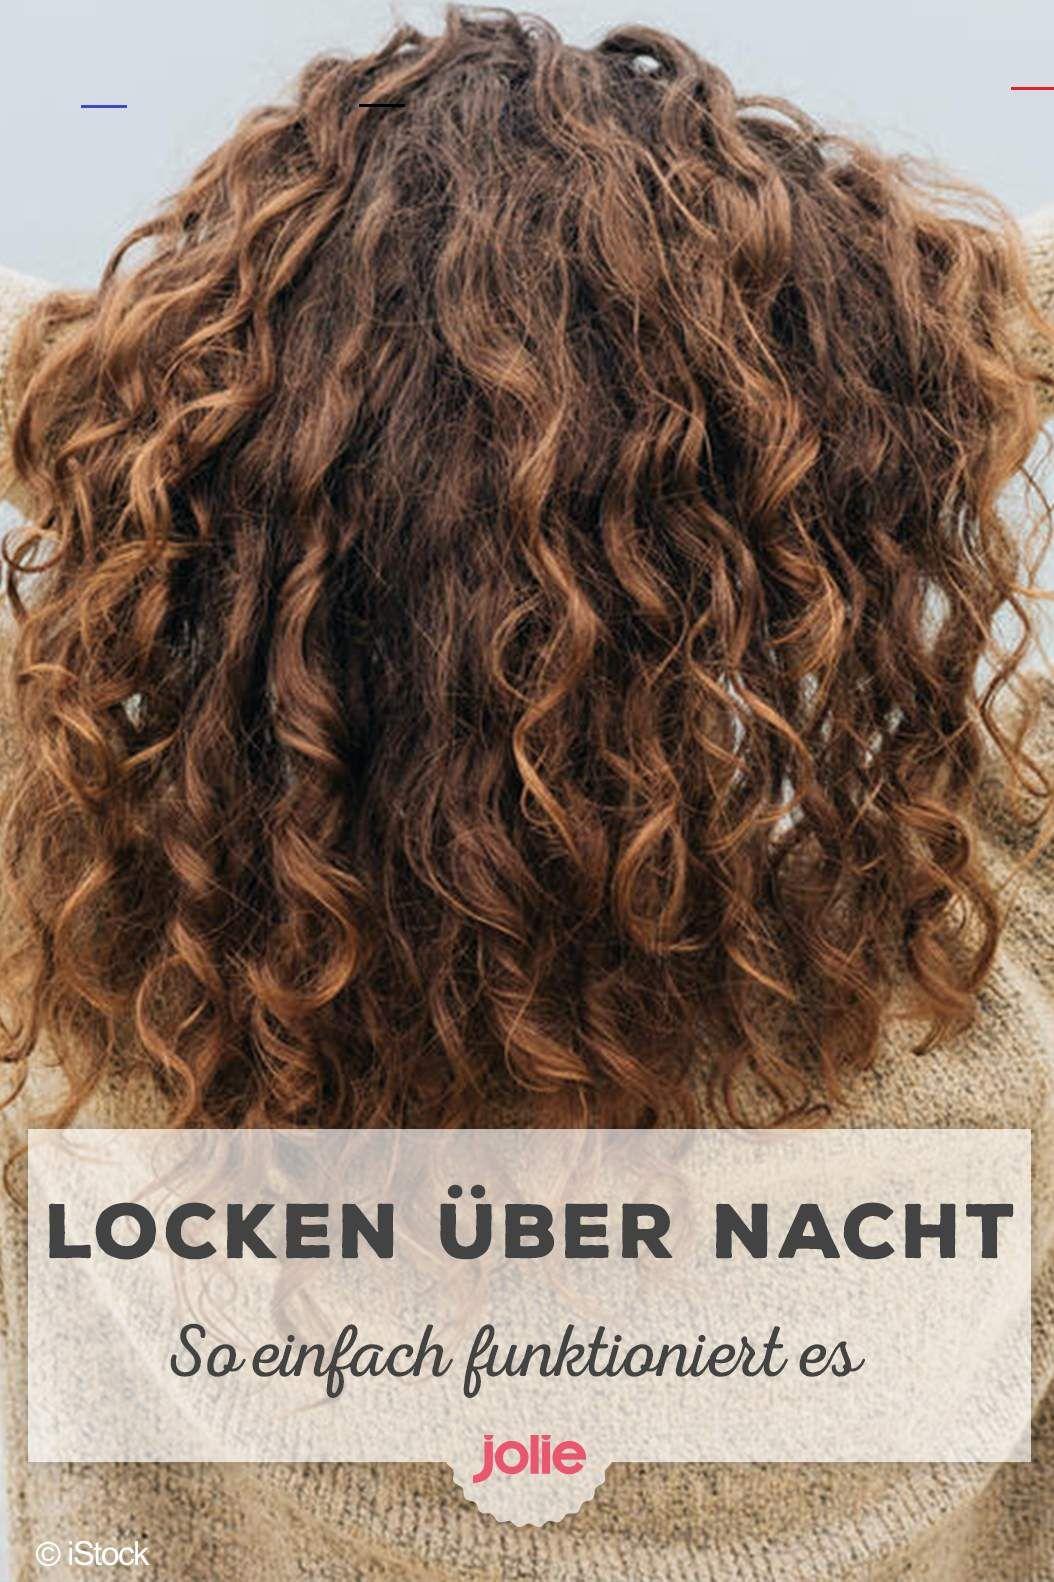 Locken Uber Nacht Mit Diesen Frisuren Klappt S Virginhair Ihr Wollt Mit Leichten Wellen Im Haar Aufwachen Das Geht Wir Haben Mal Getestet Welche Z In 2020 Haar